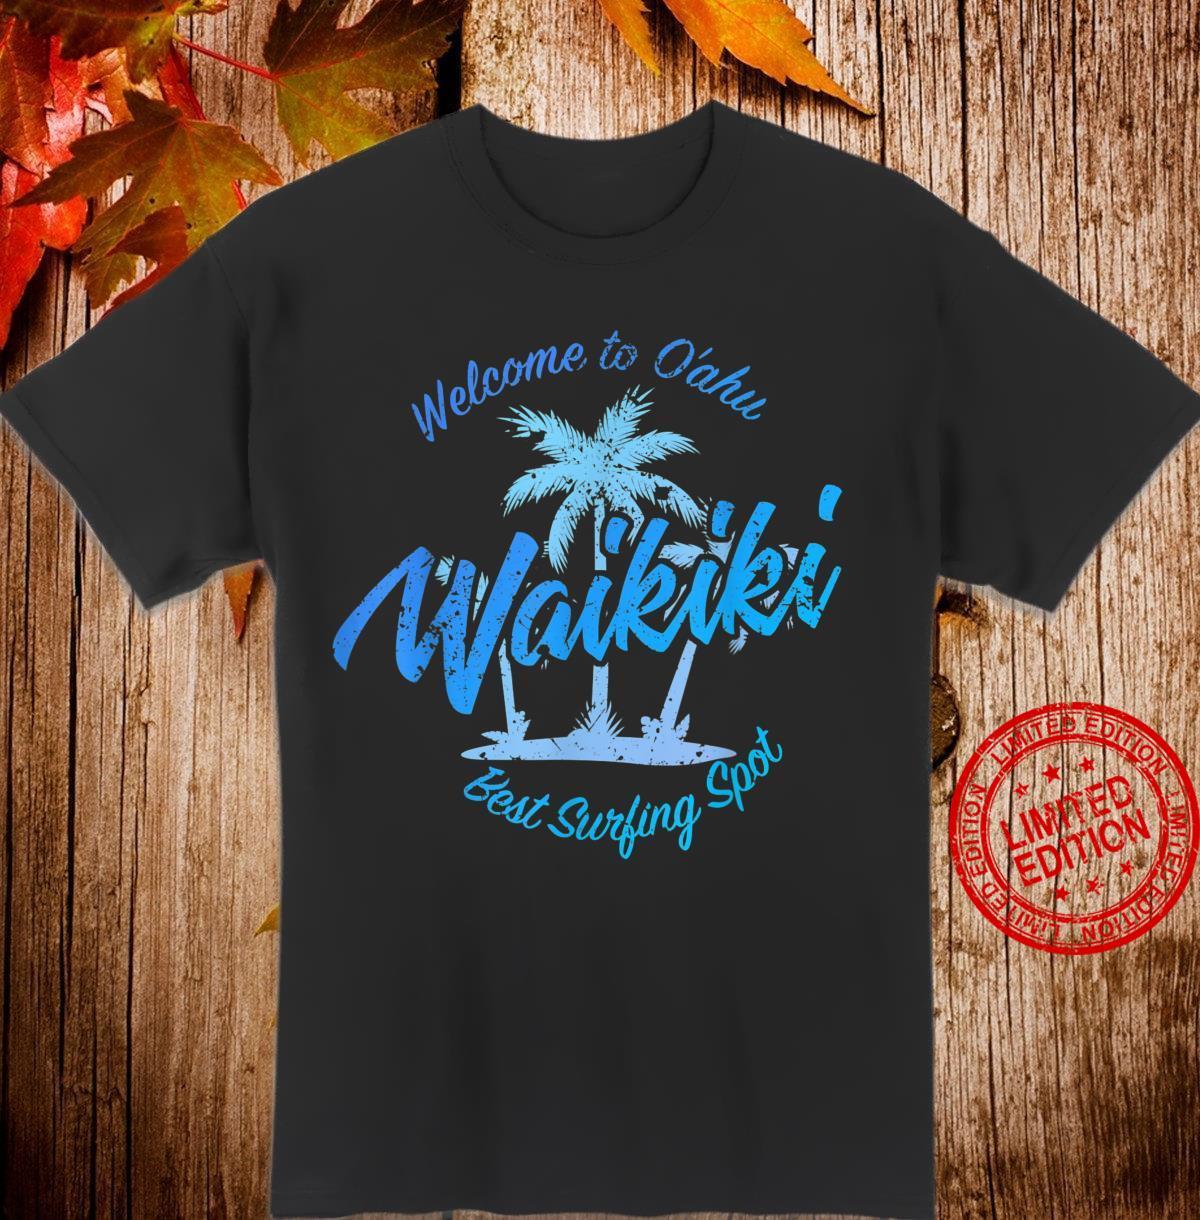 Hawaii Waikiki Vintage Shirt